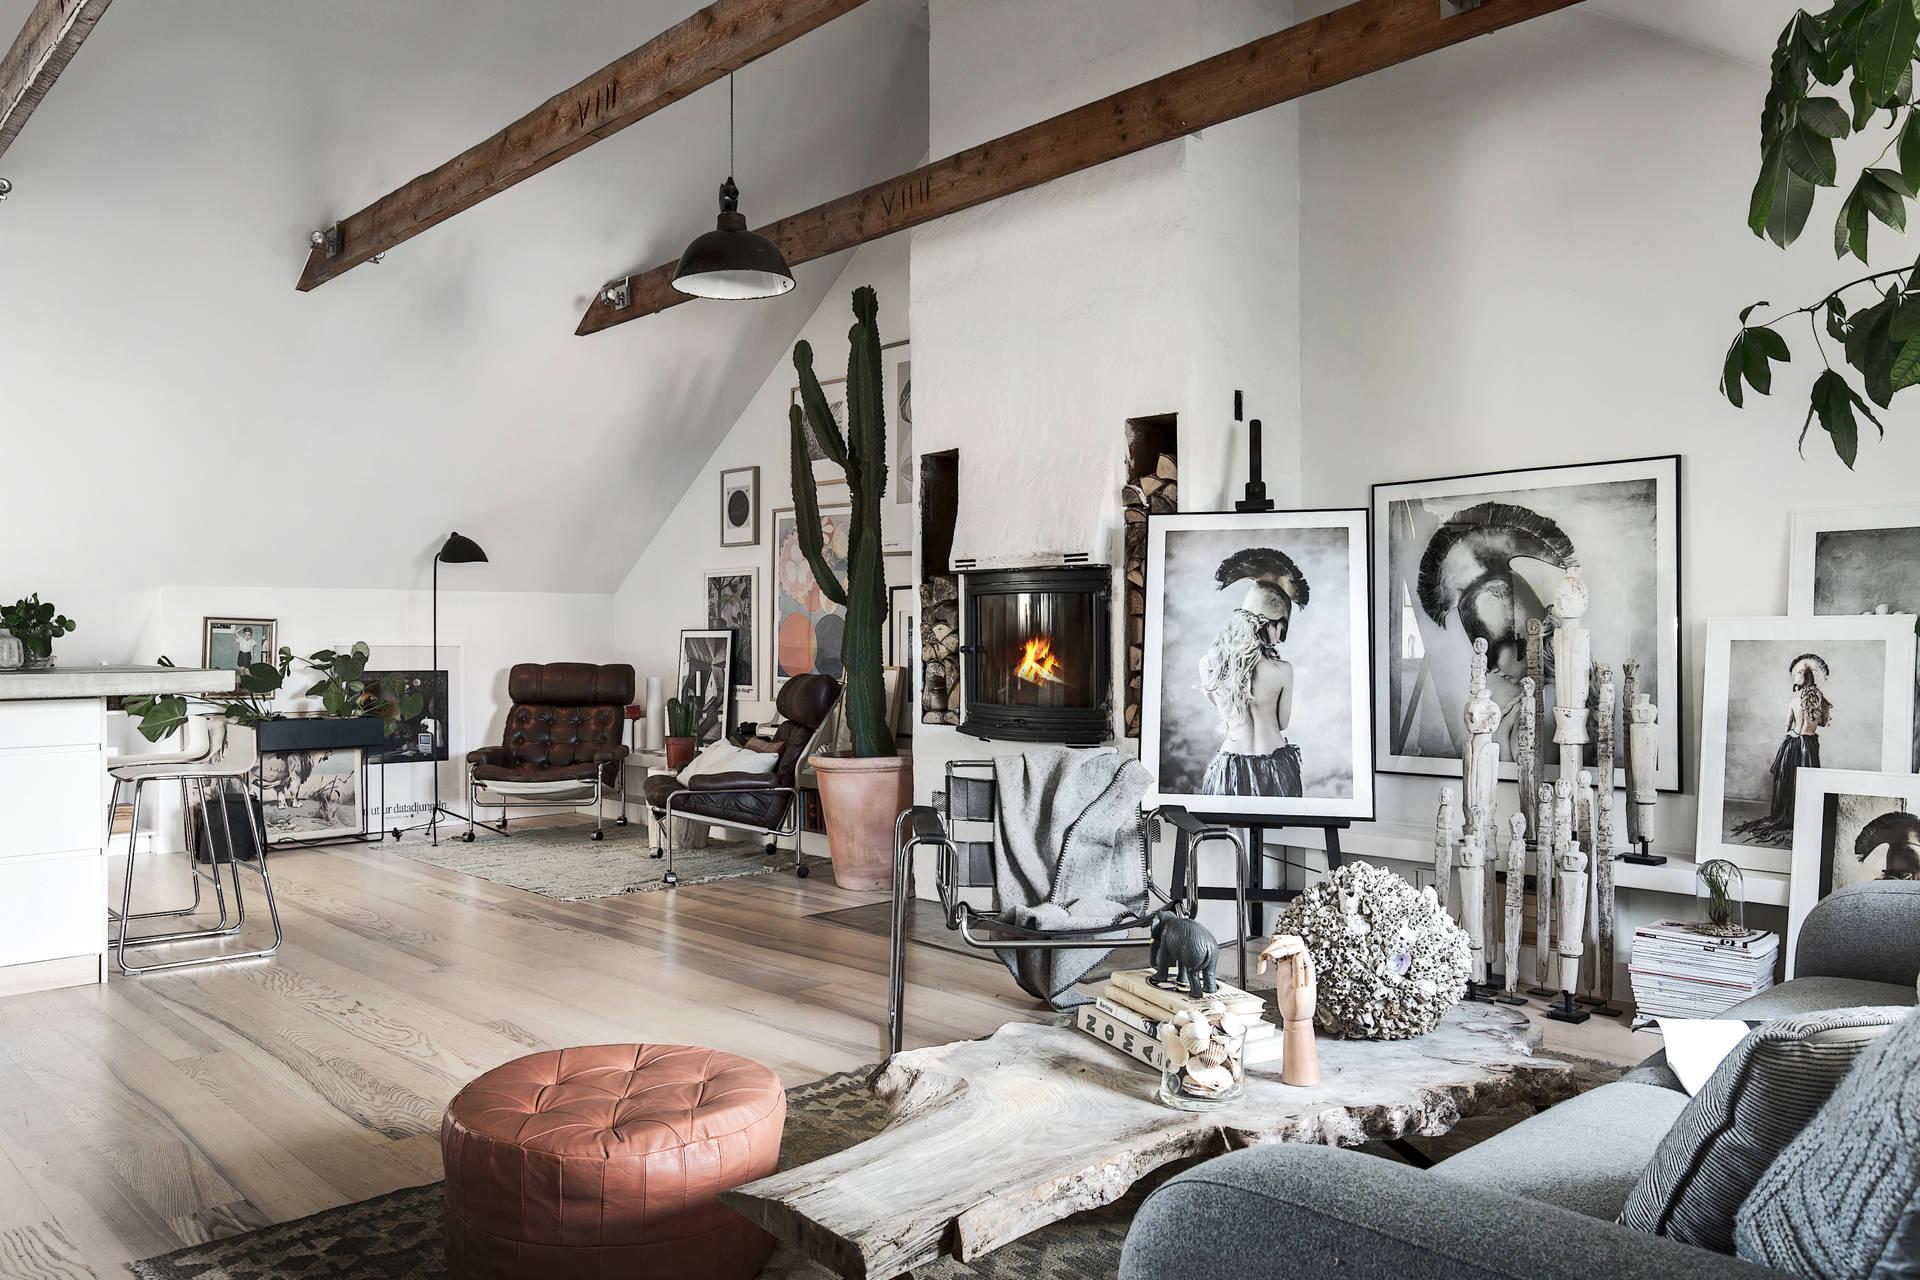 гостиная камин дрова картины фотографии кресло высокий потолок балки цветы